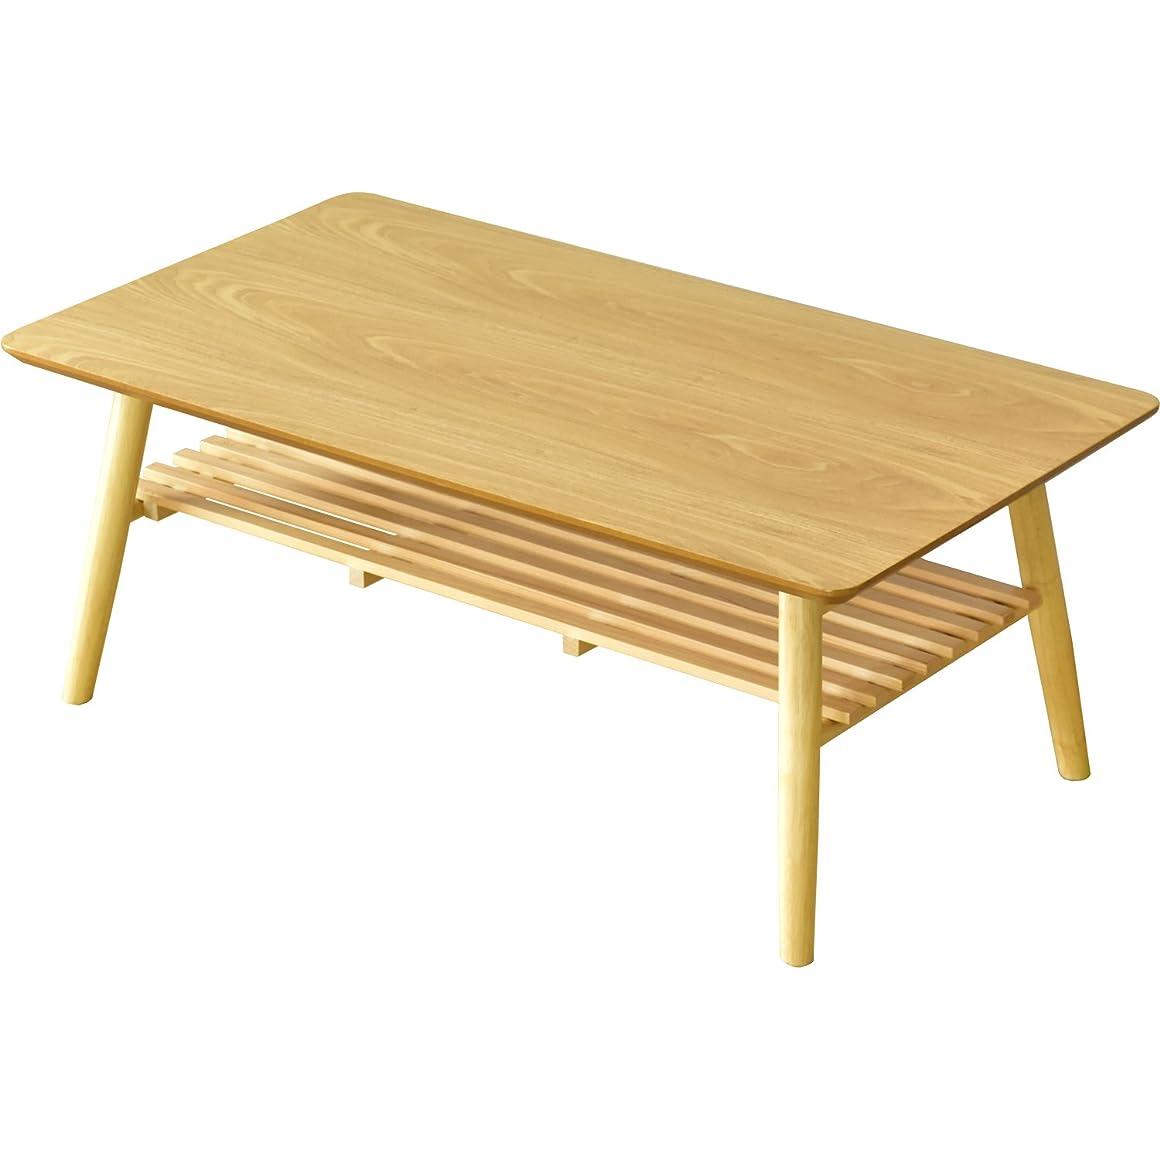 が欲しいストライク実現可能性DORIS ローテーブル 折りたたみ ちゃぶ台 木製 幅90×奥行50cm ナチュラル スィエル棚付き